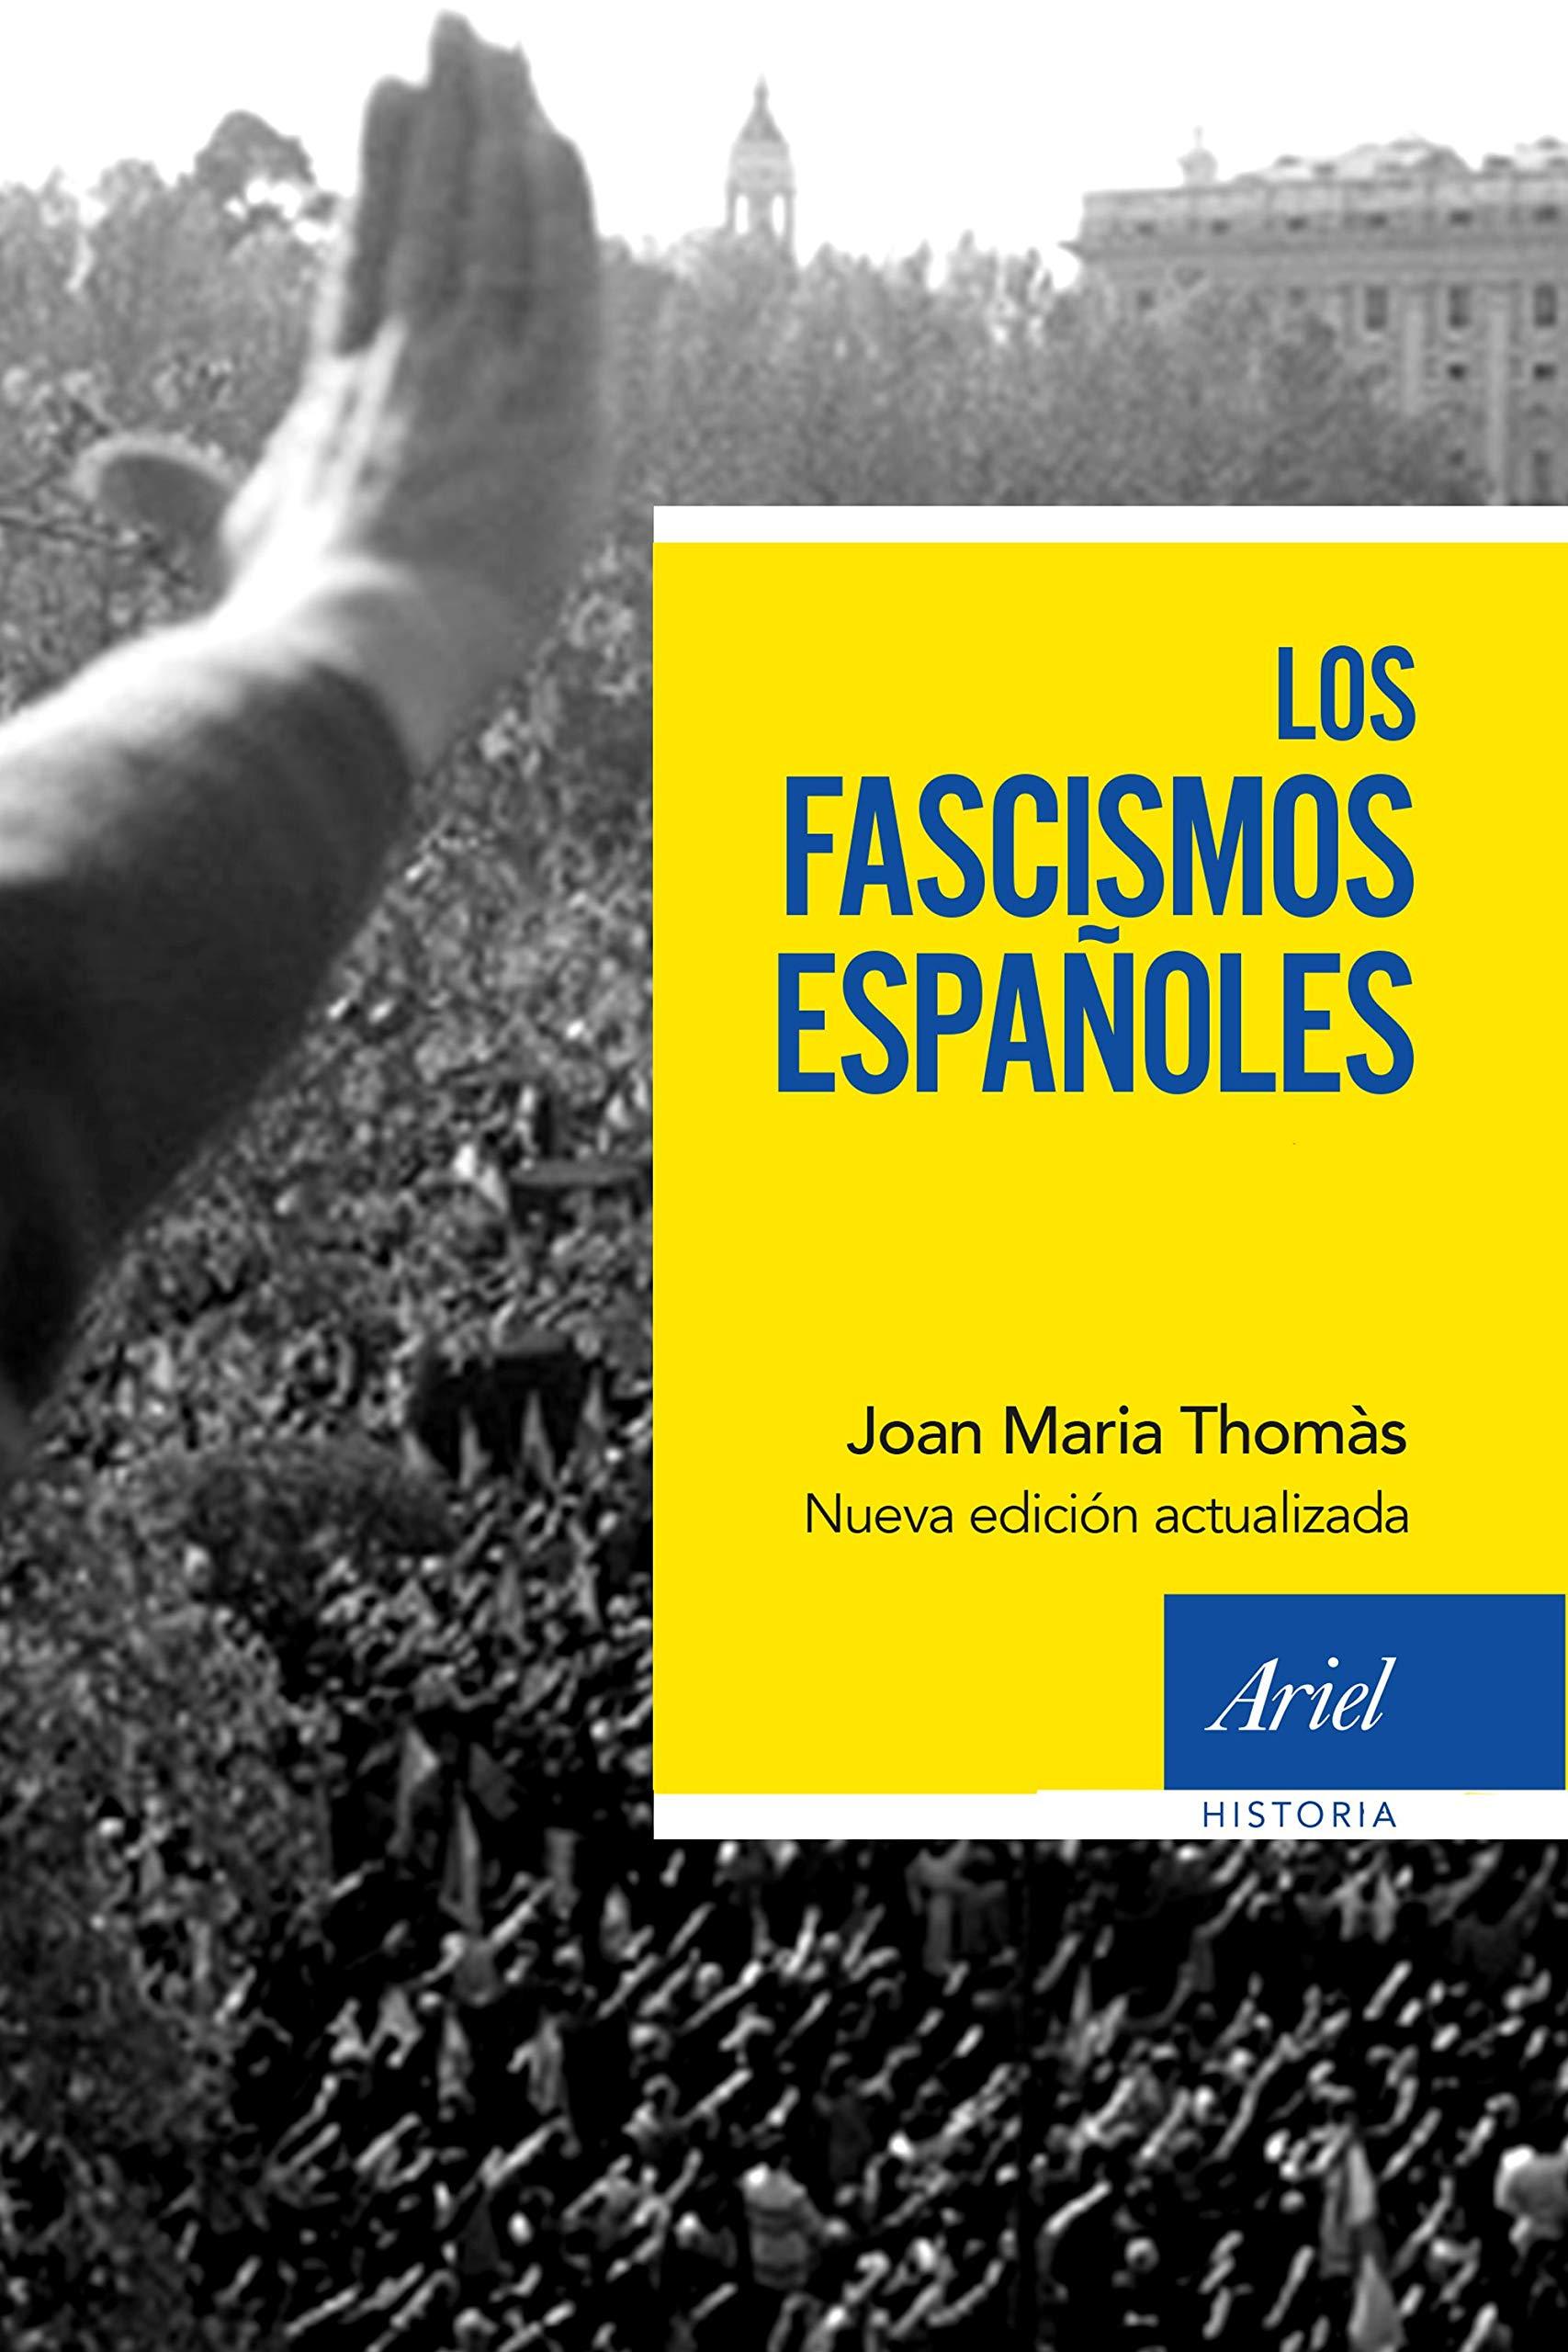 Los fascismos españoles (Ariel Historia): Amazon.es: Thomàs, Joan Maria: Libros